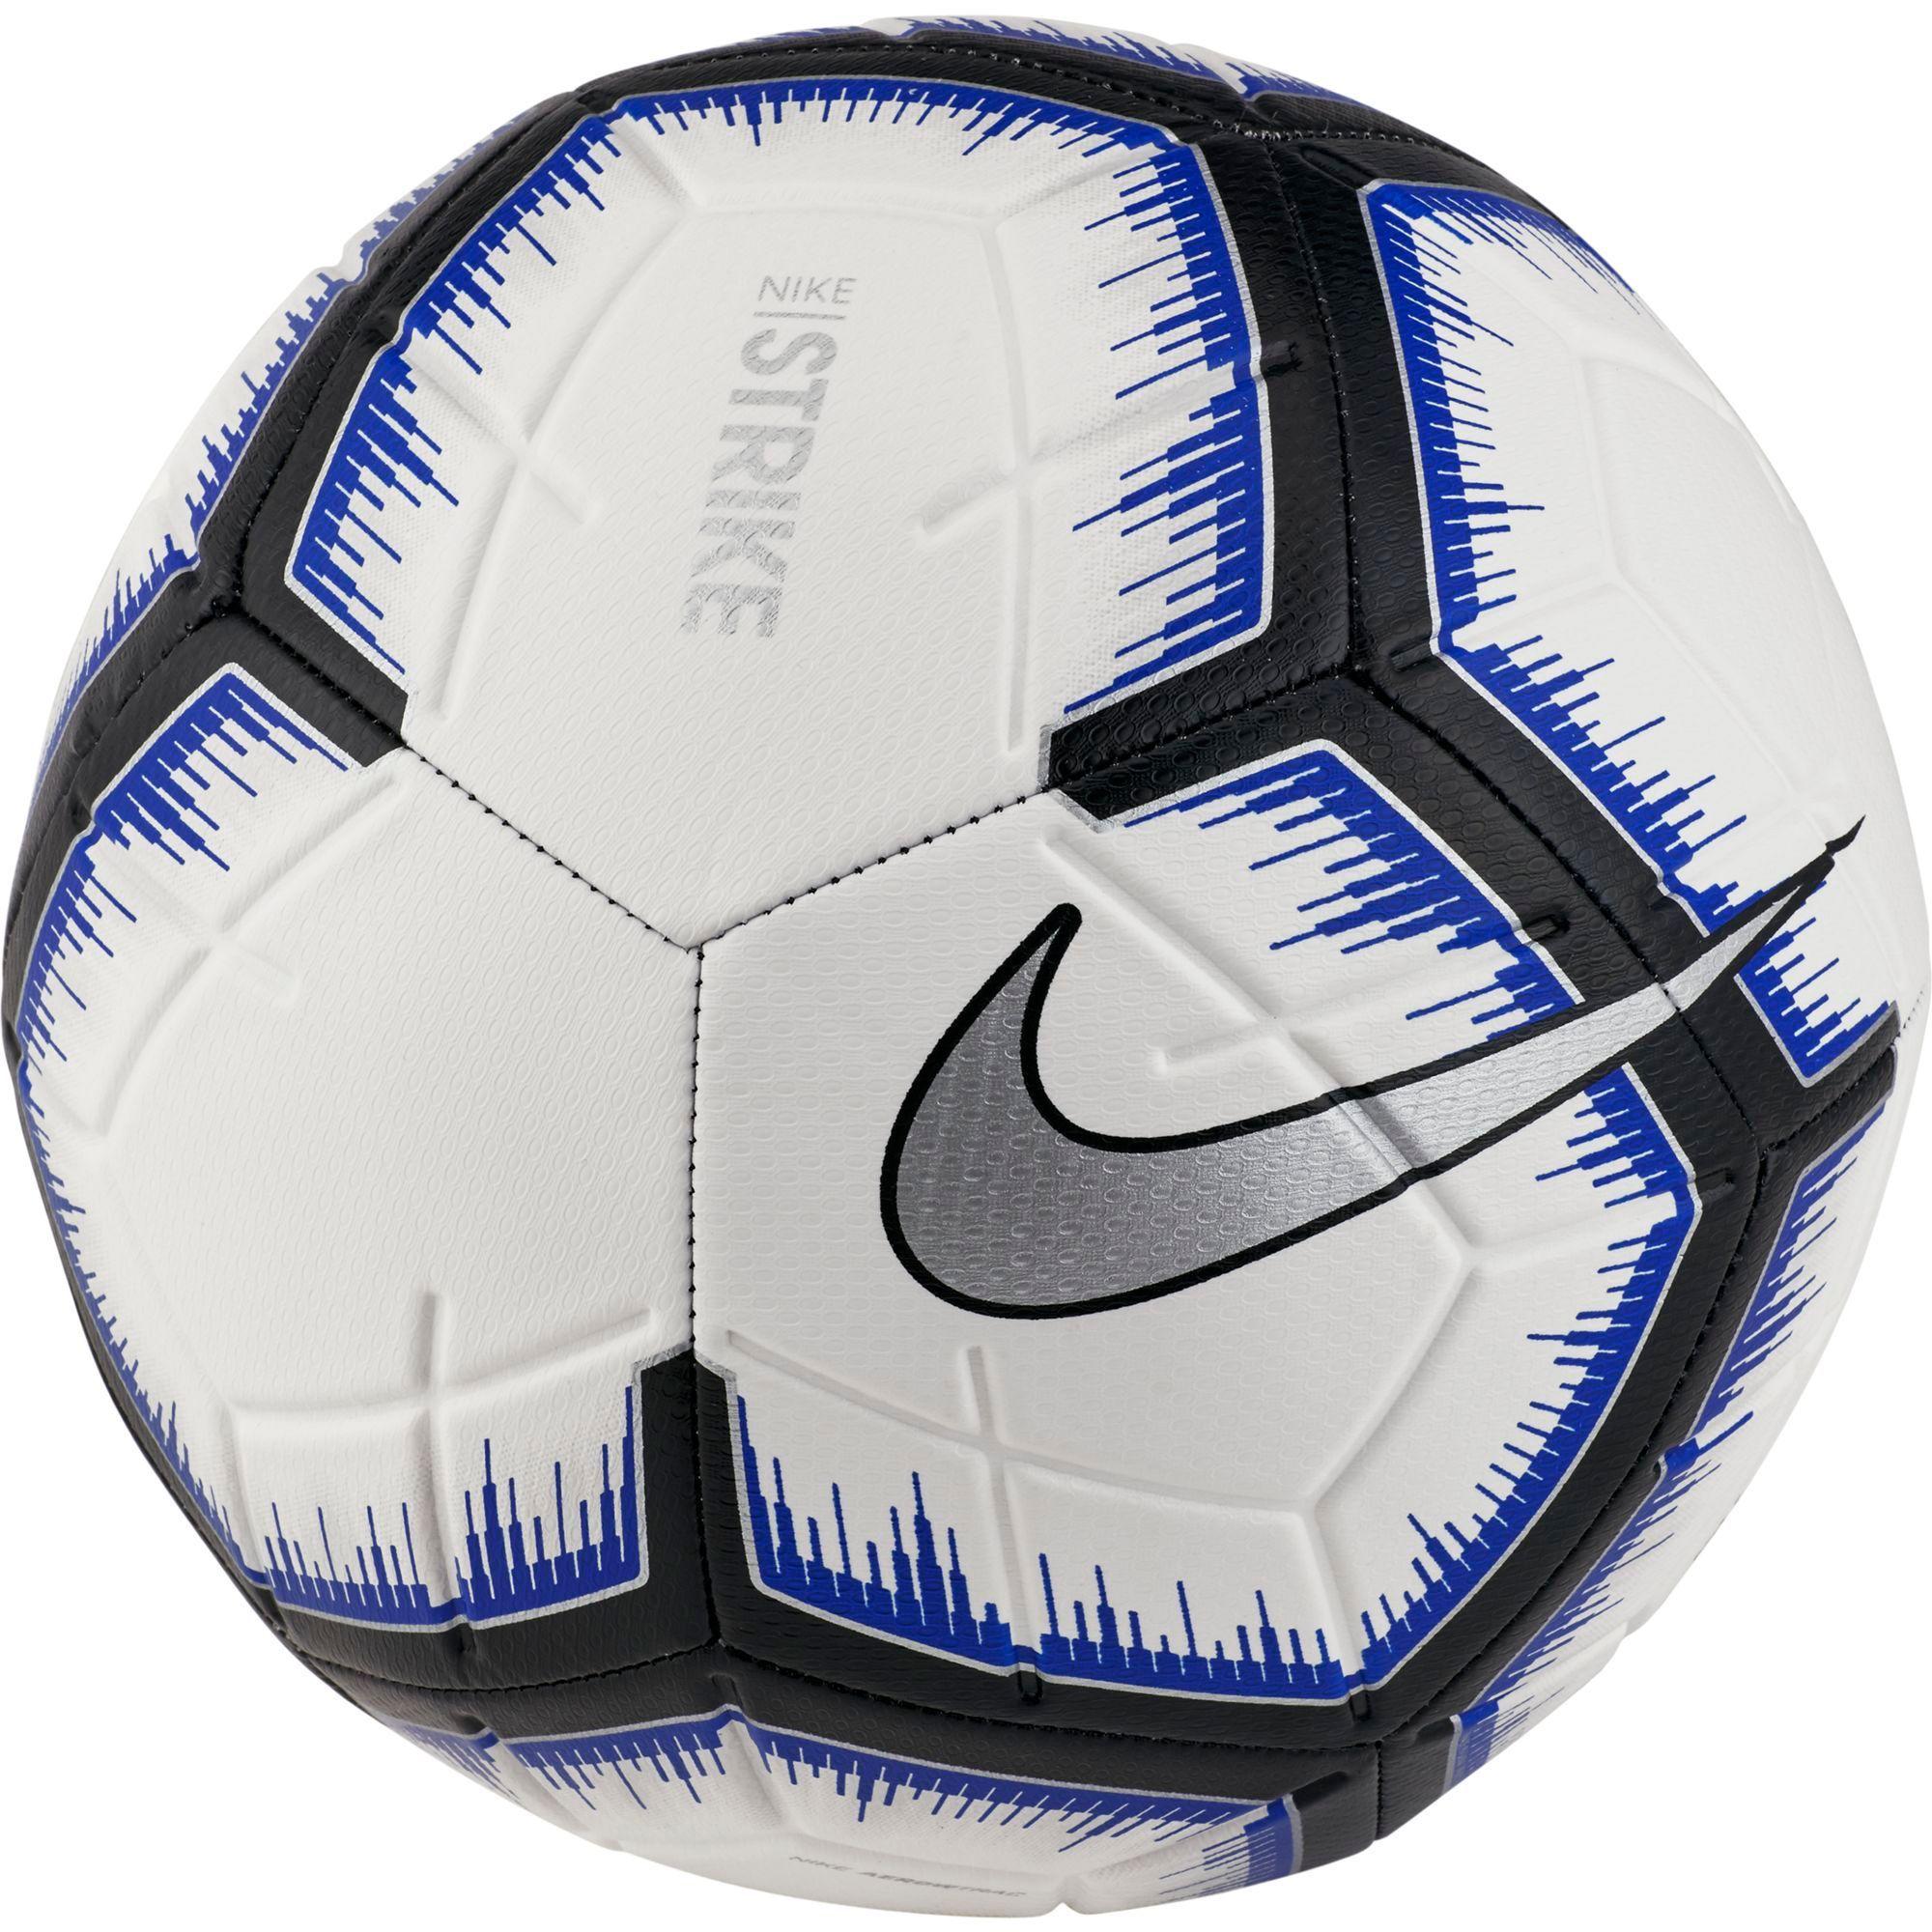 Nike Strike Soccer Ball White In 2020 Soccer Ball Soccer Soccer Gear